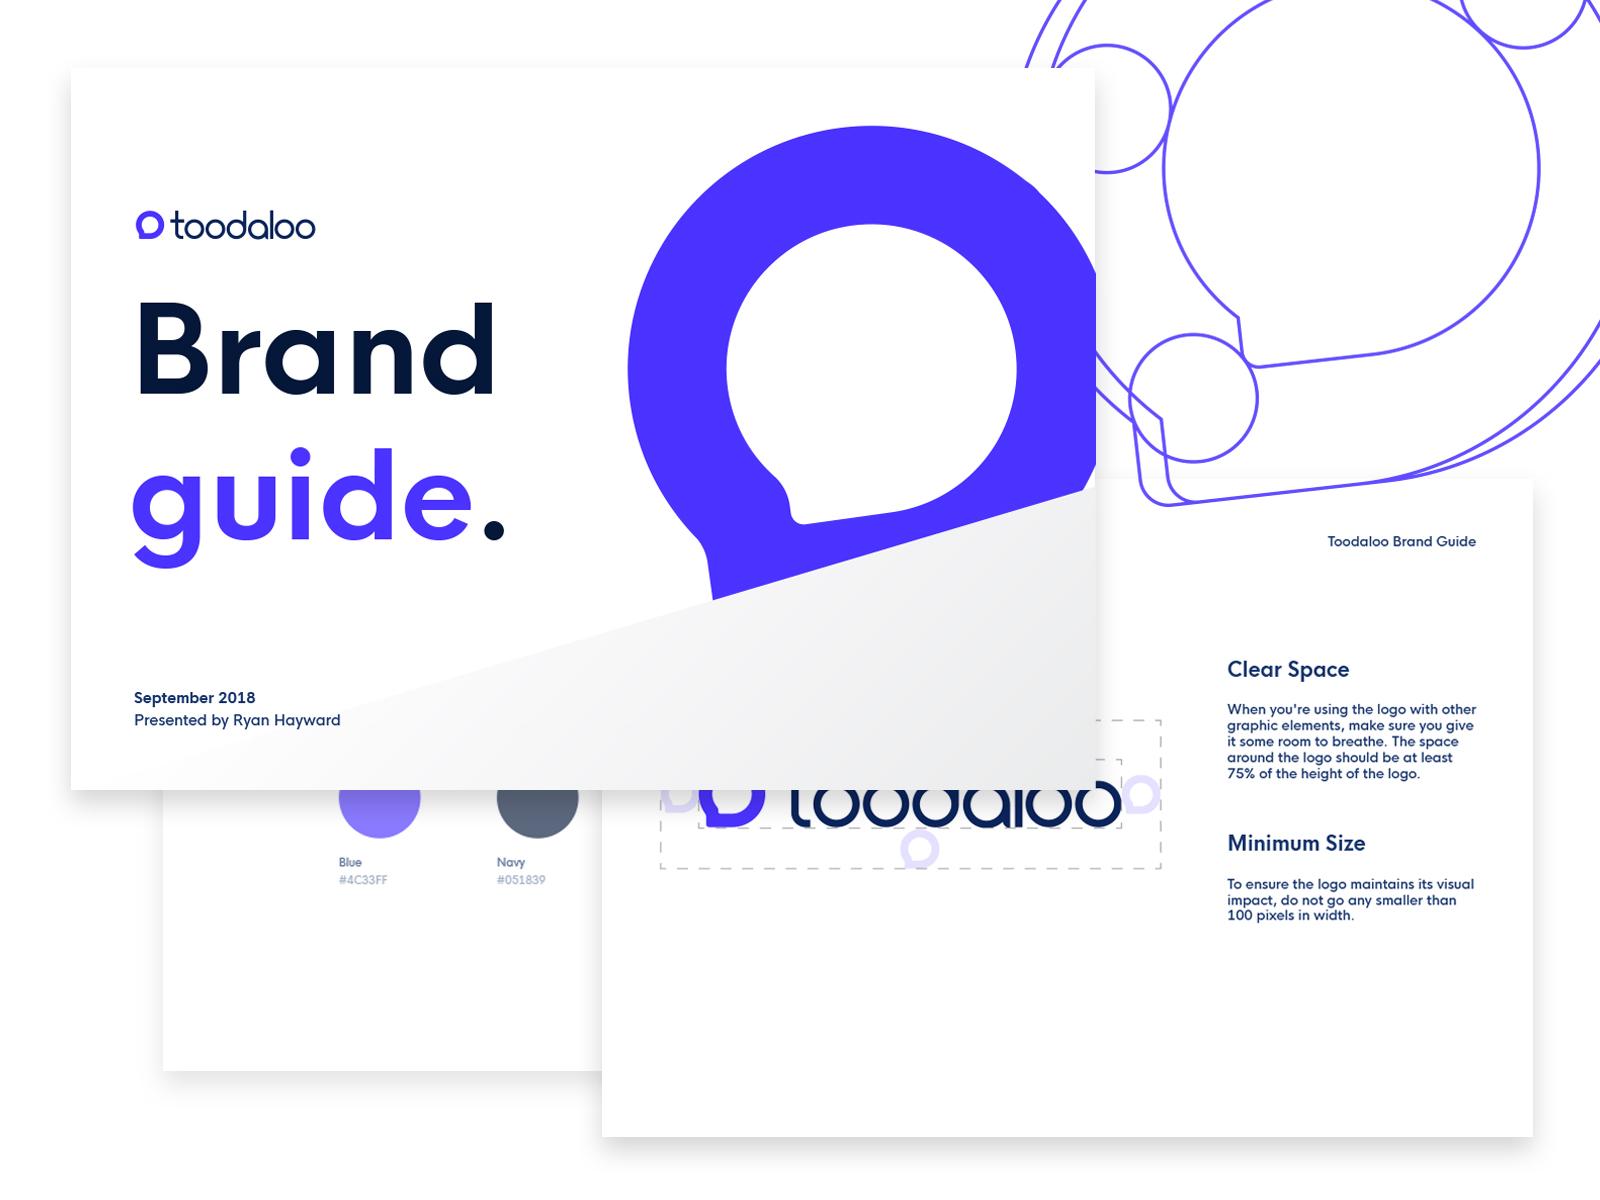 Toodaloo brand guide